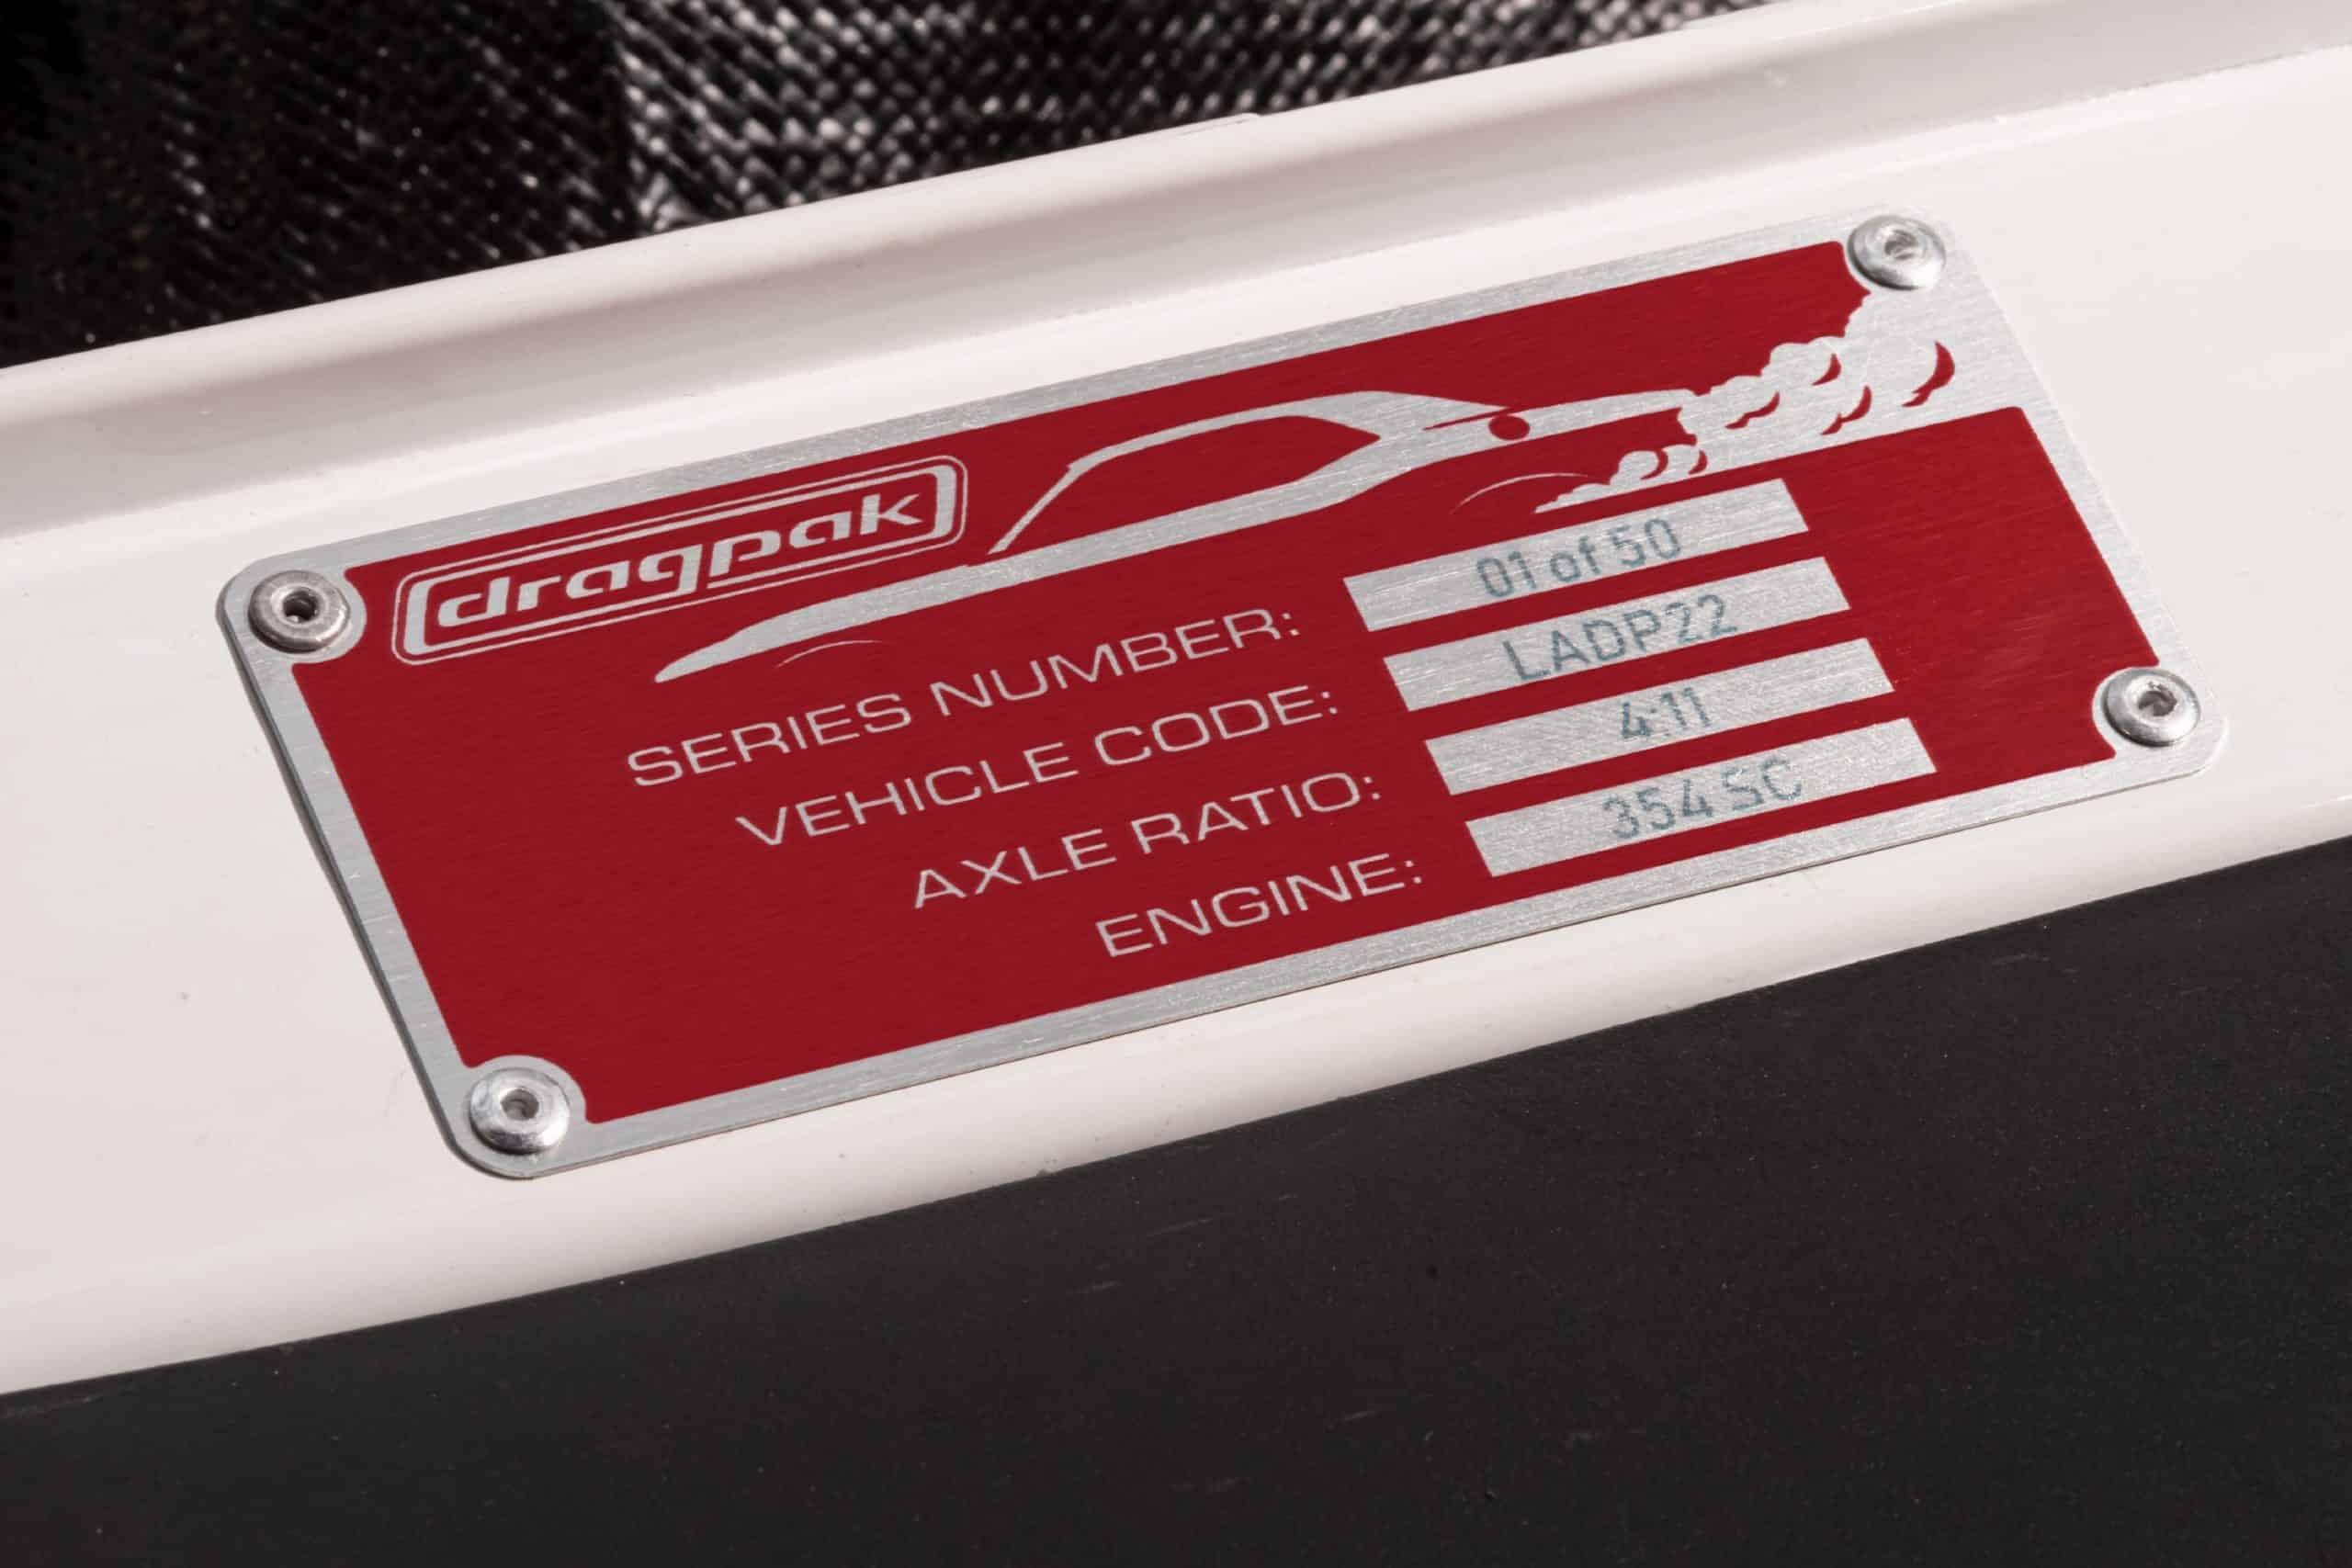 Dodge Challenger Mopar Drag Pak code tag